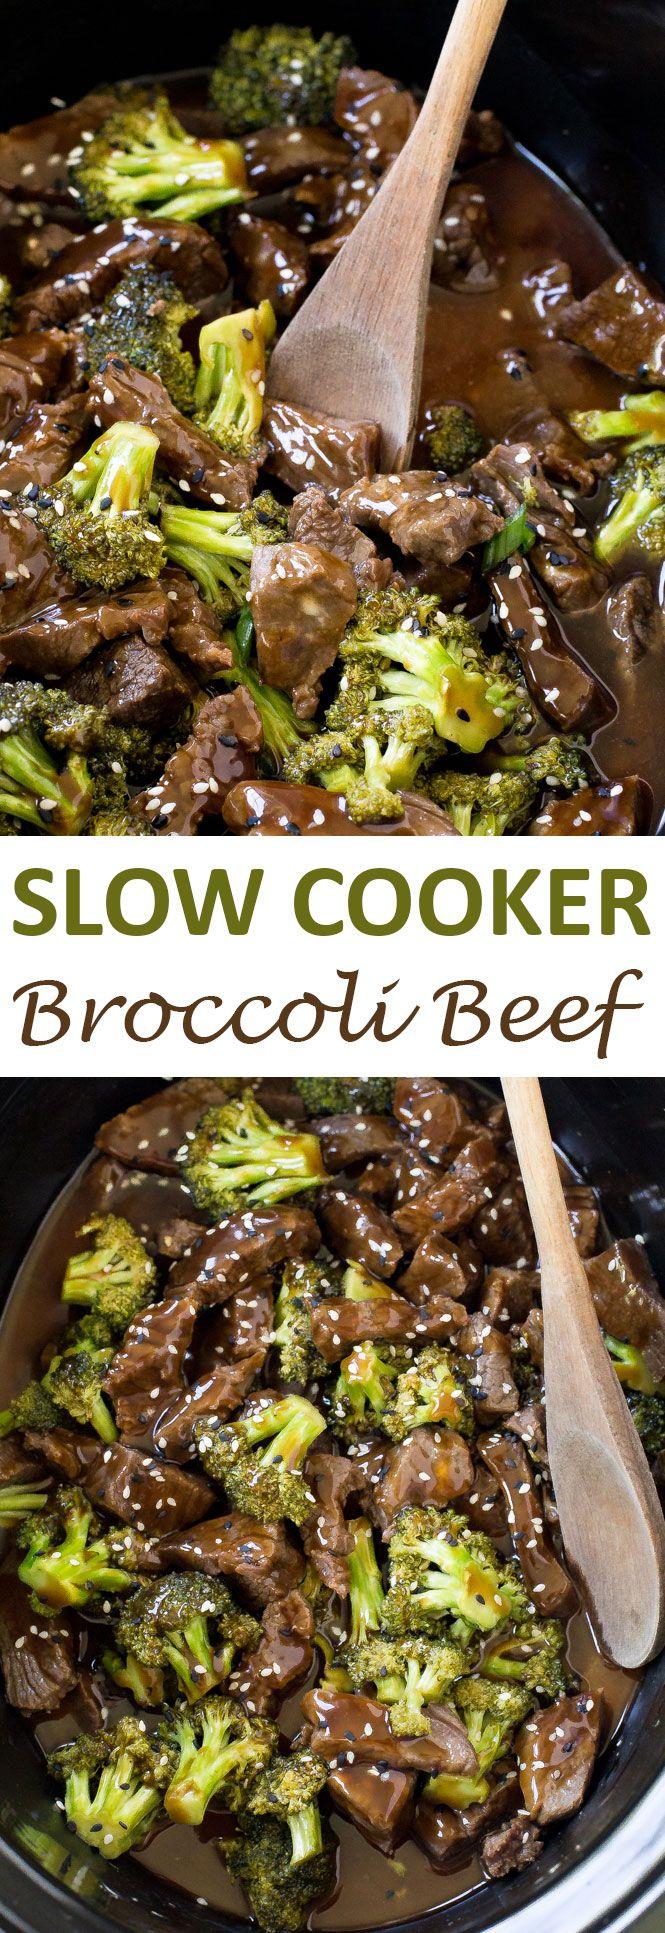 Slow Cooker Broccoli Beef